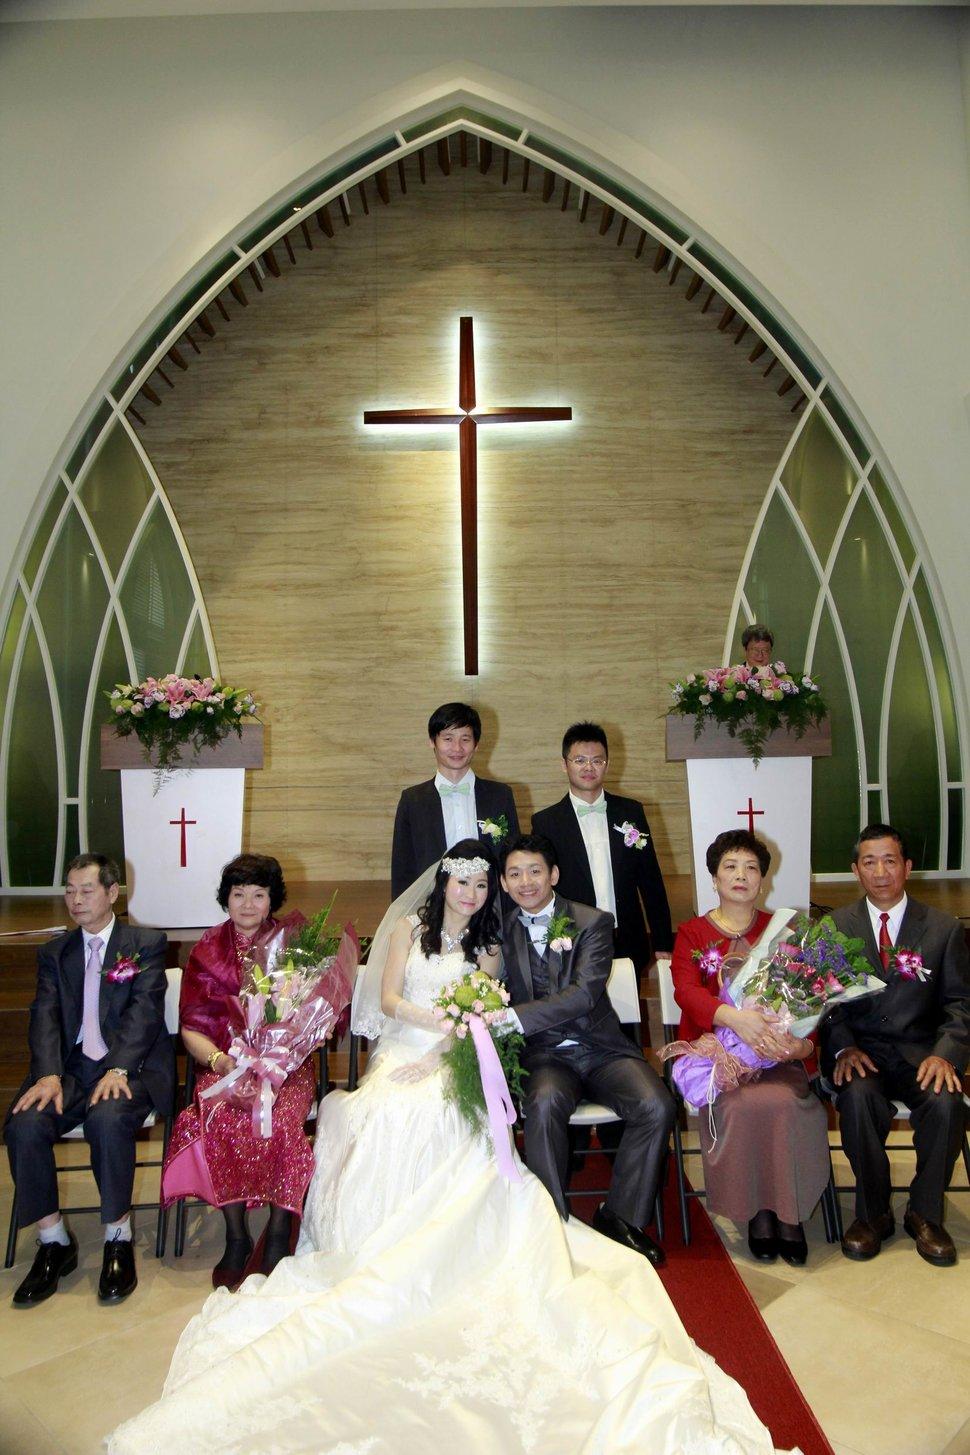 婚禮記錄汐止那米哥餐廳婚宴會館餐廳婚攝j婚錄結婚迎娶婚禮記錄動態微電影錄影專業錄影平面攝影婚禮紀錄婚攝婚錄主持人(編號:305646) - 蜜月拍照10800錄影12800攝影團隊 - 結婚吧